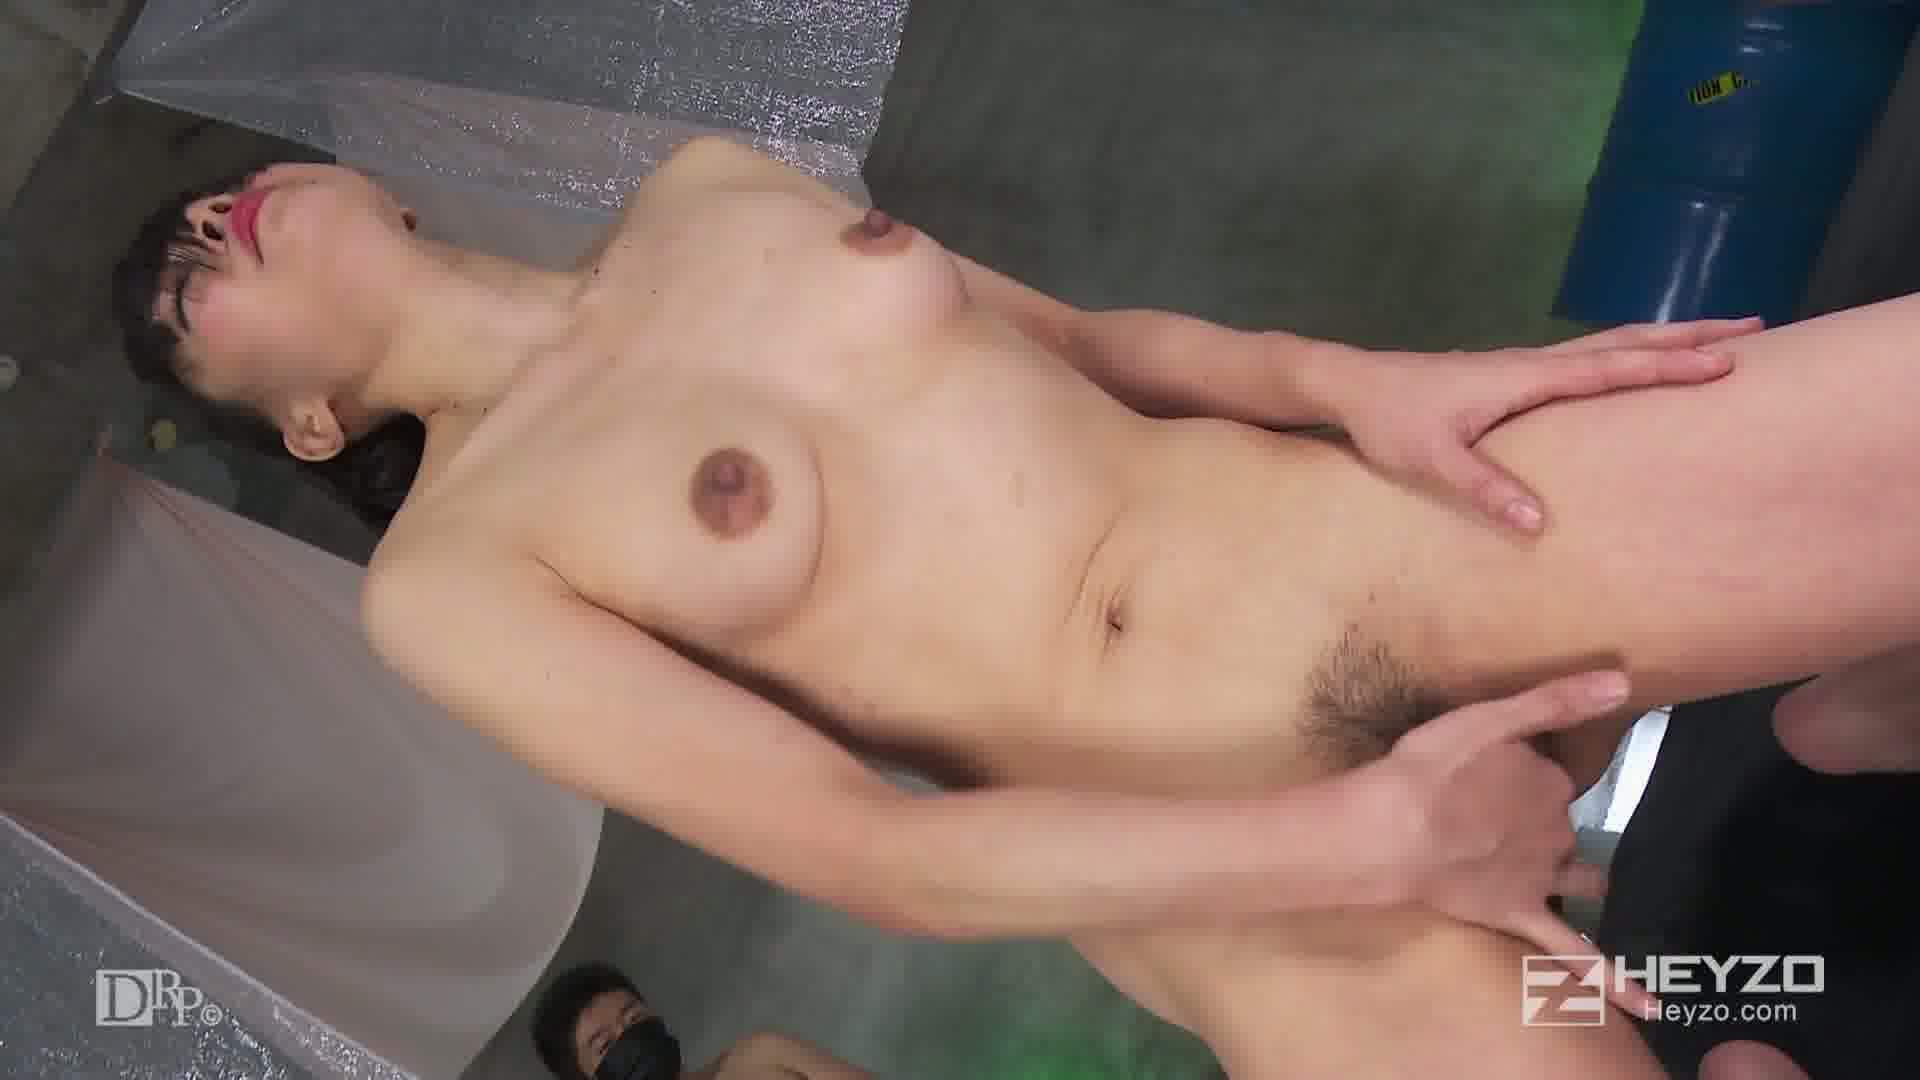 秘密倶楽部の裏ストリップショー - 若林美保【ぶっかけ フェラ クンニ 69】